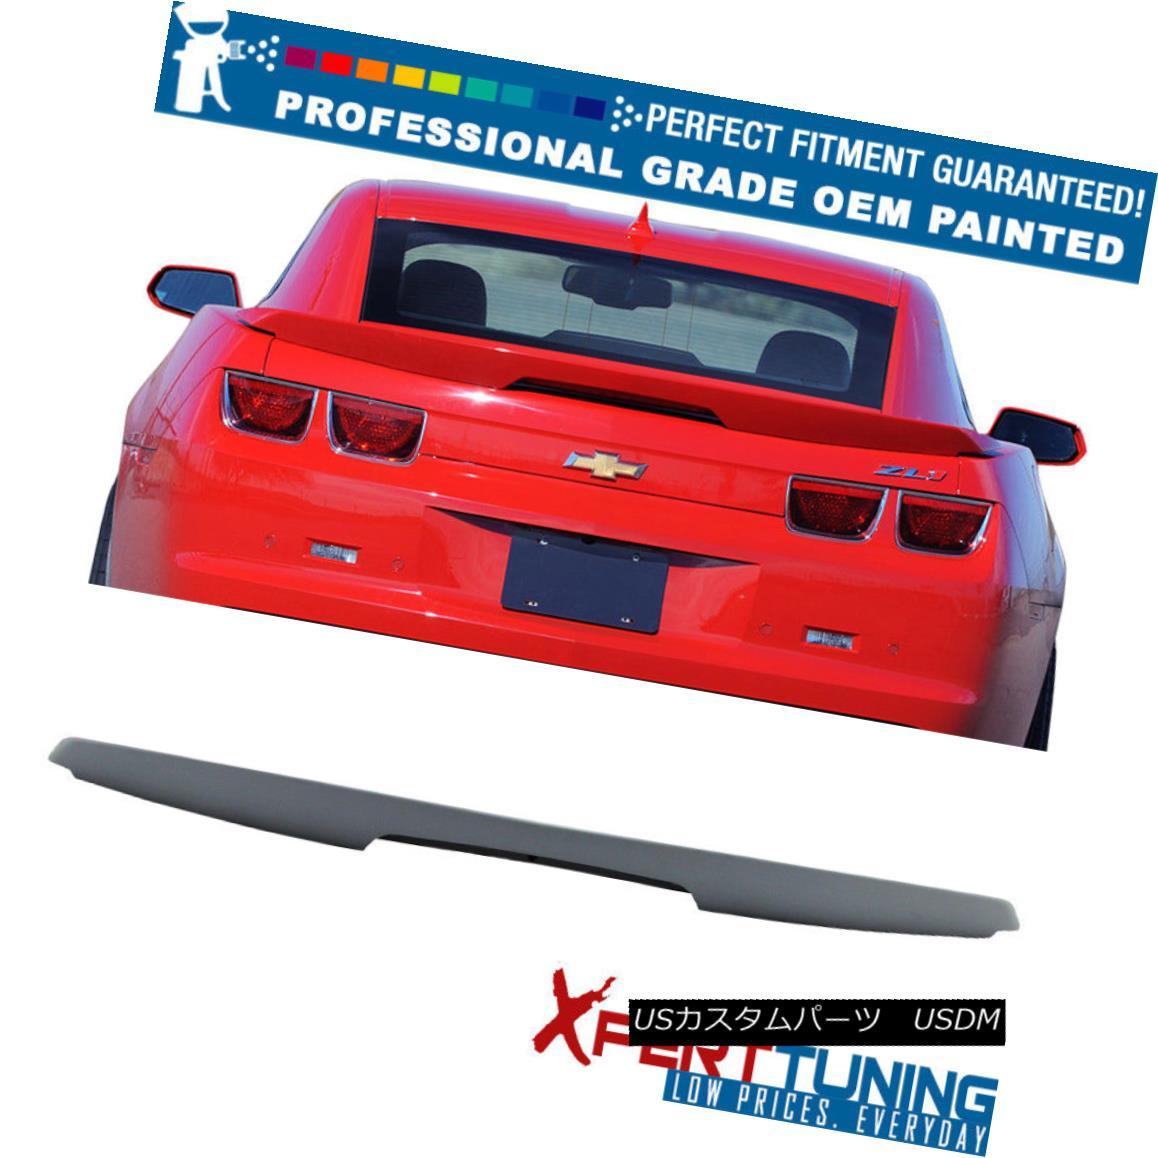 エアロパーツ 10-13 Chevy Camaro ZL1 Style Painted ABS Trunk Spoiler LED - OEM Painted Color 10-13シボレーカマロZL1スタイル塗装ABSトランクスポイラーLED - OEM塗装カラー